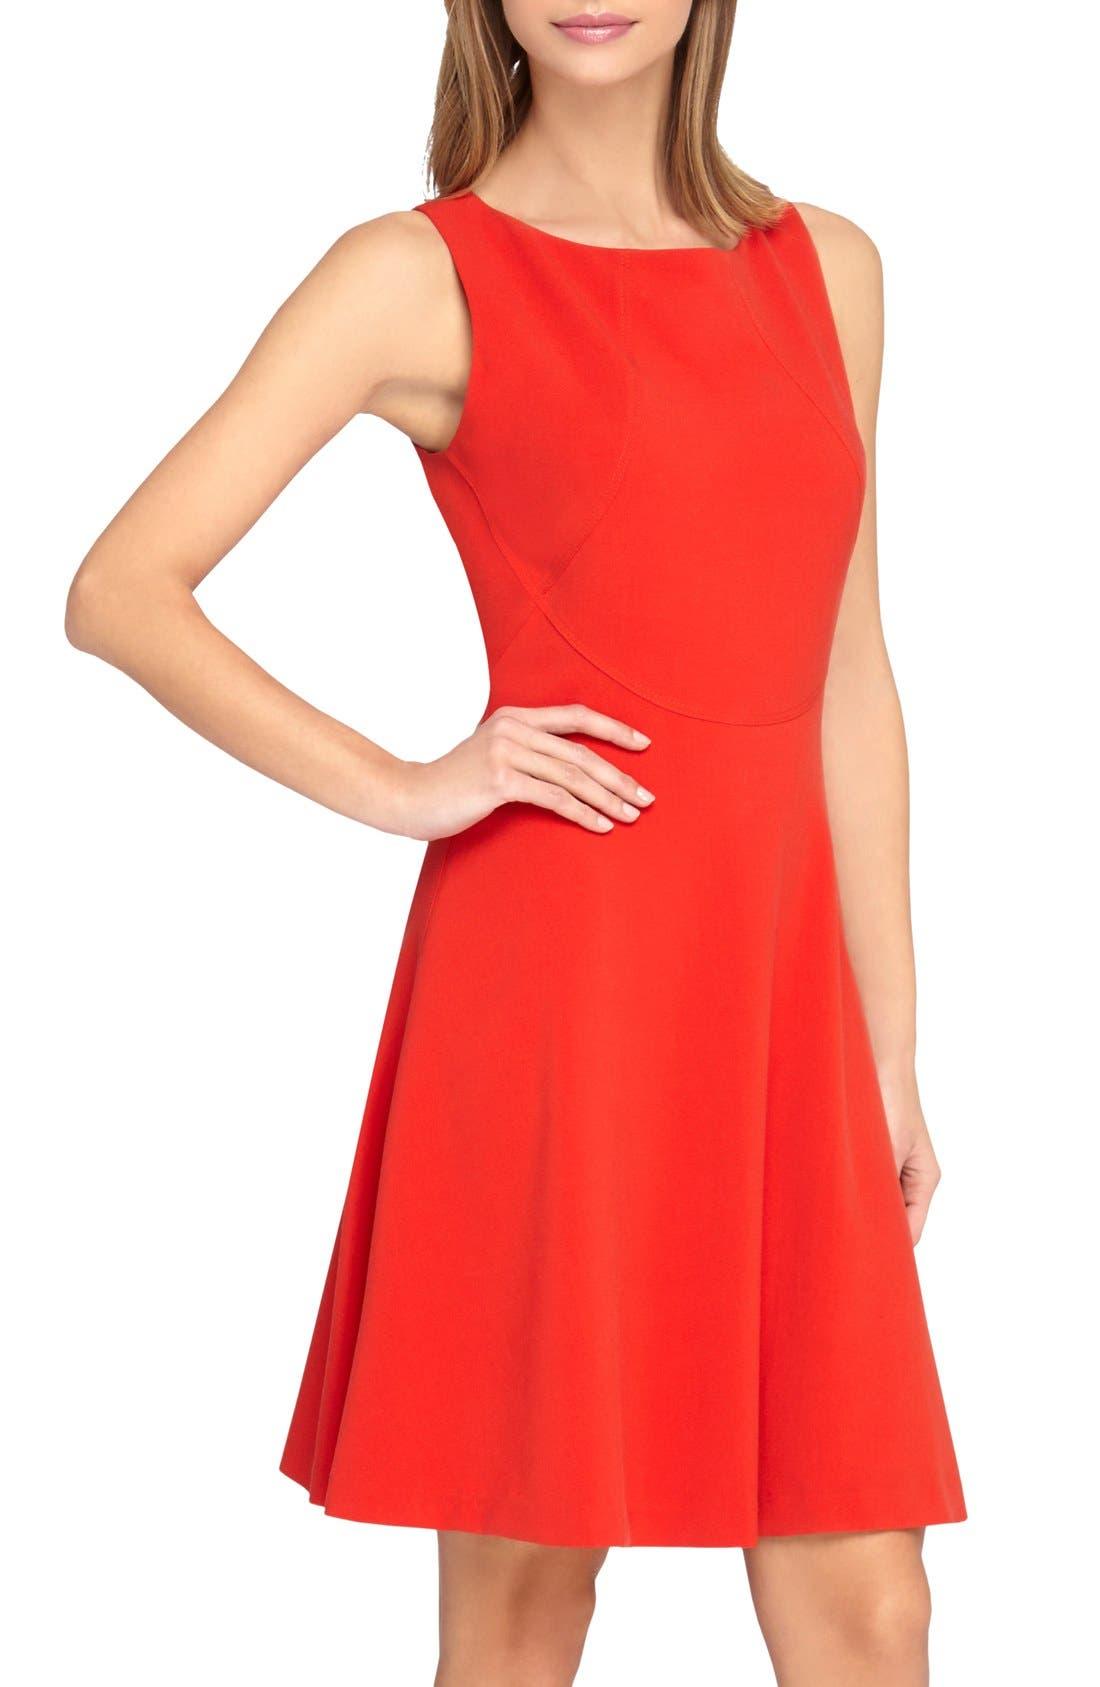 Main Image - Tahari Seamed Knit Fit & Flare Dress